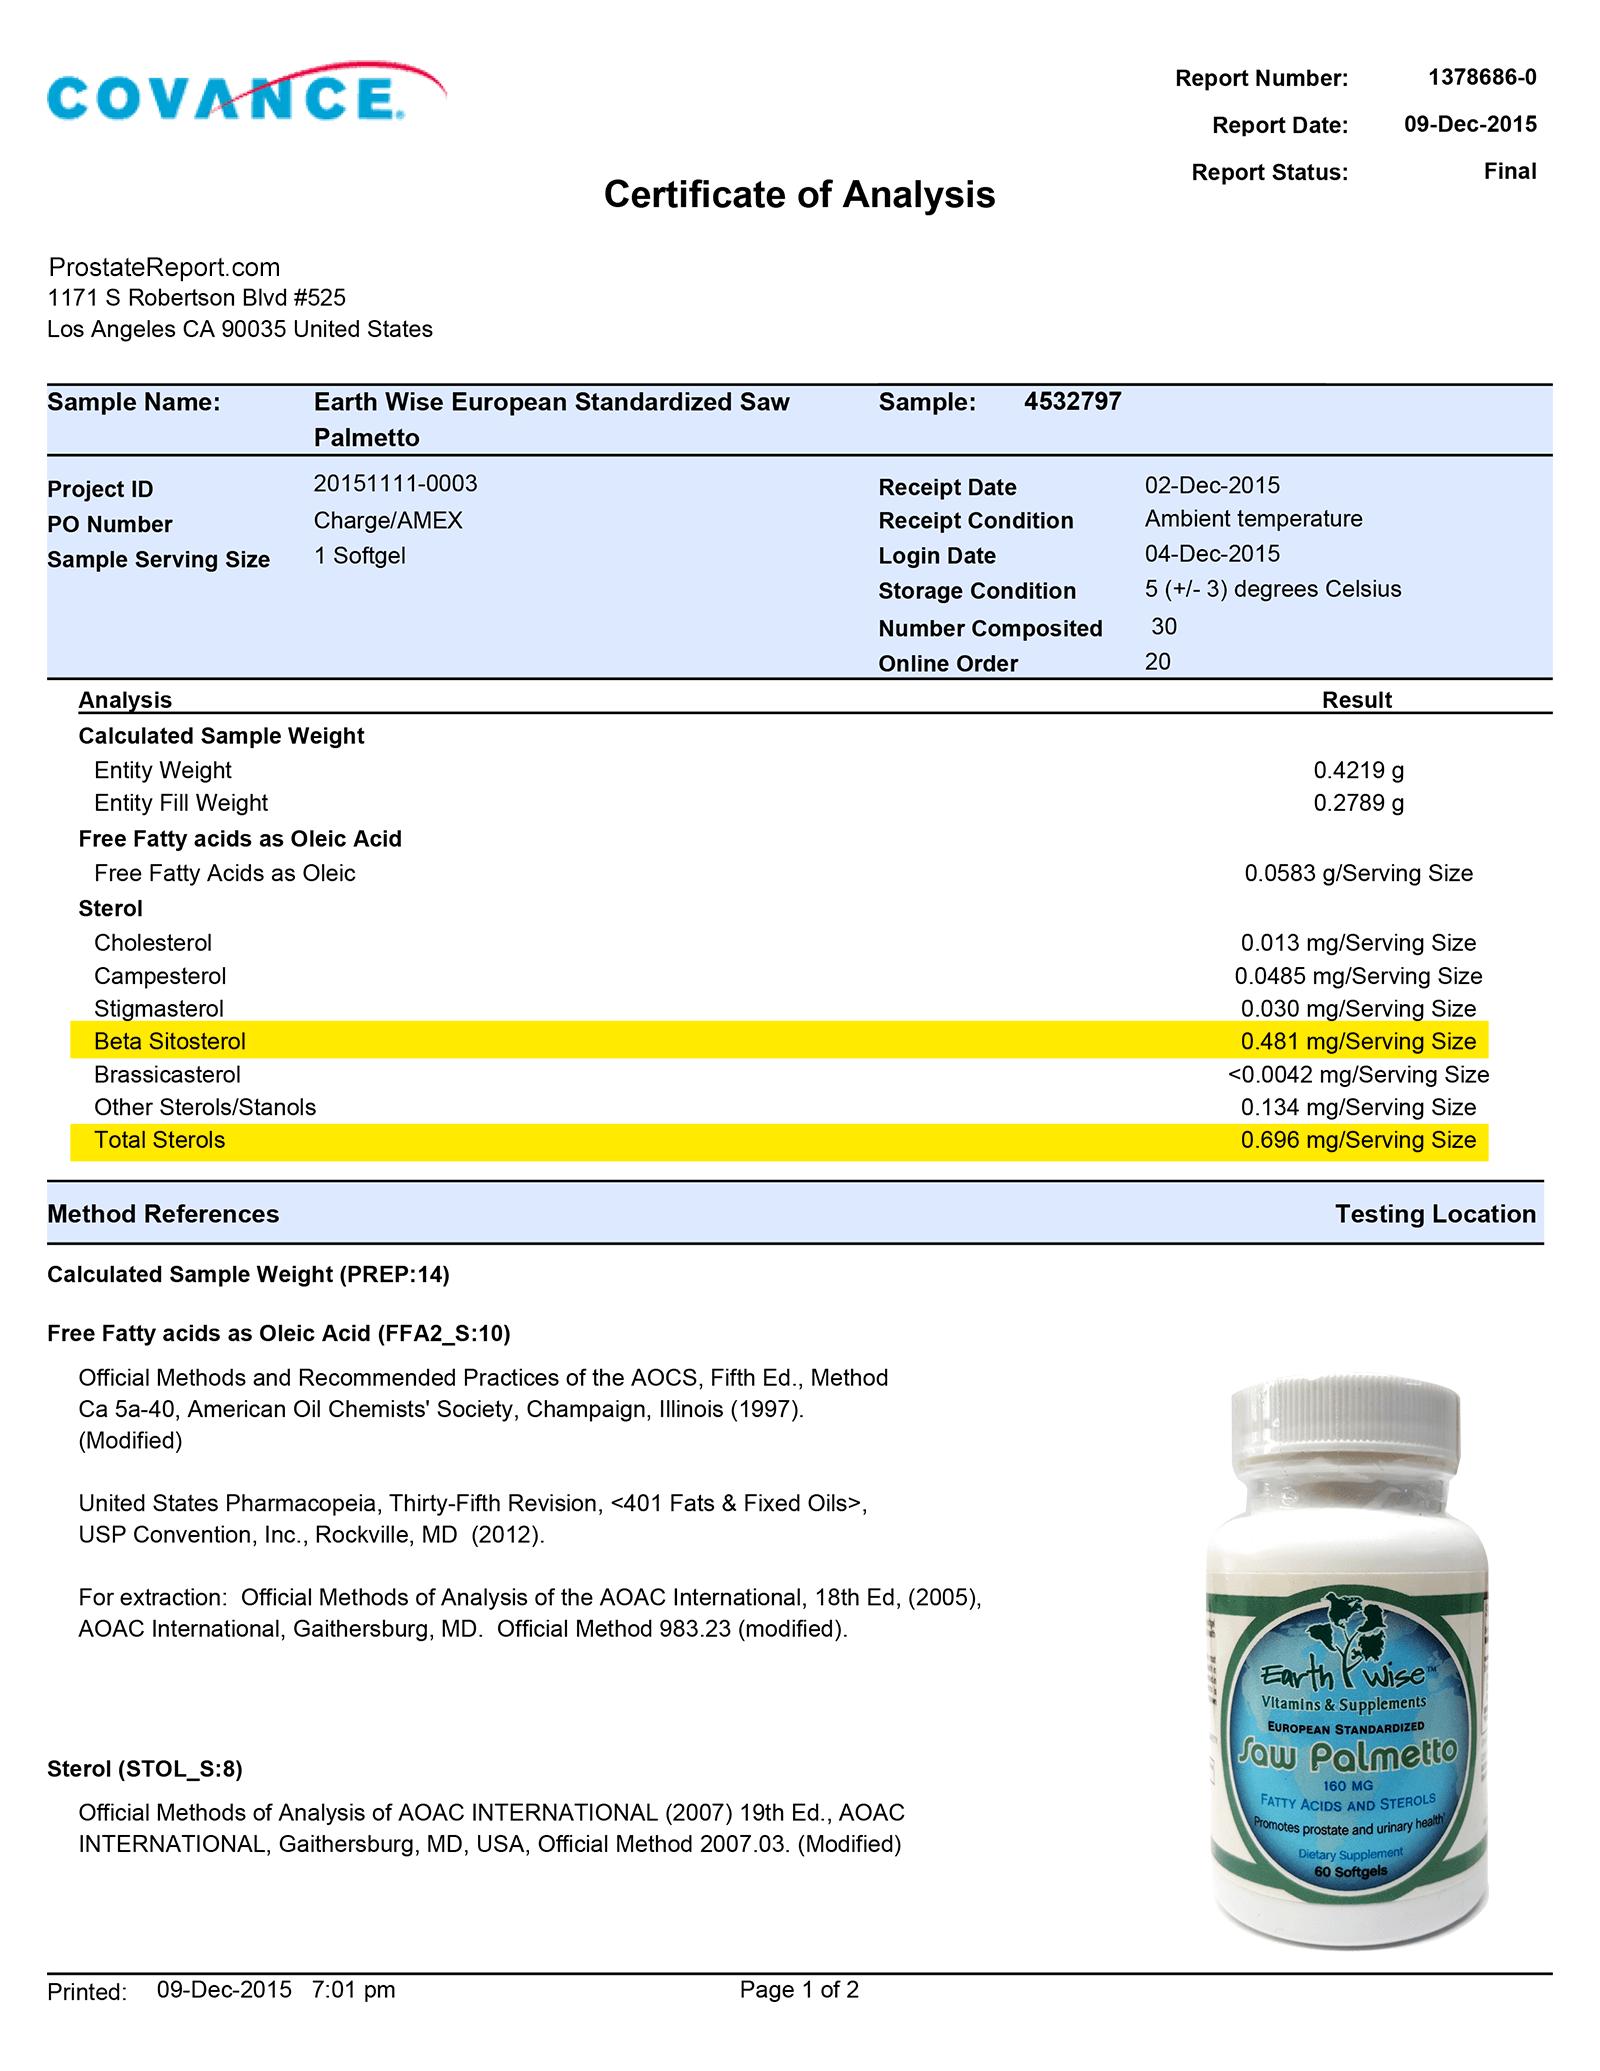 Saw Palmetto lab report